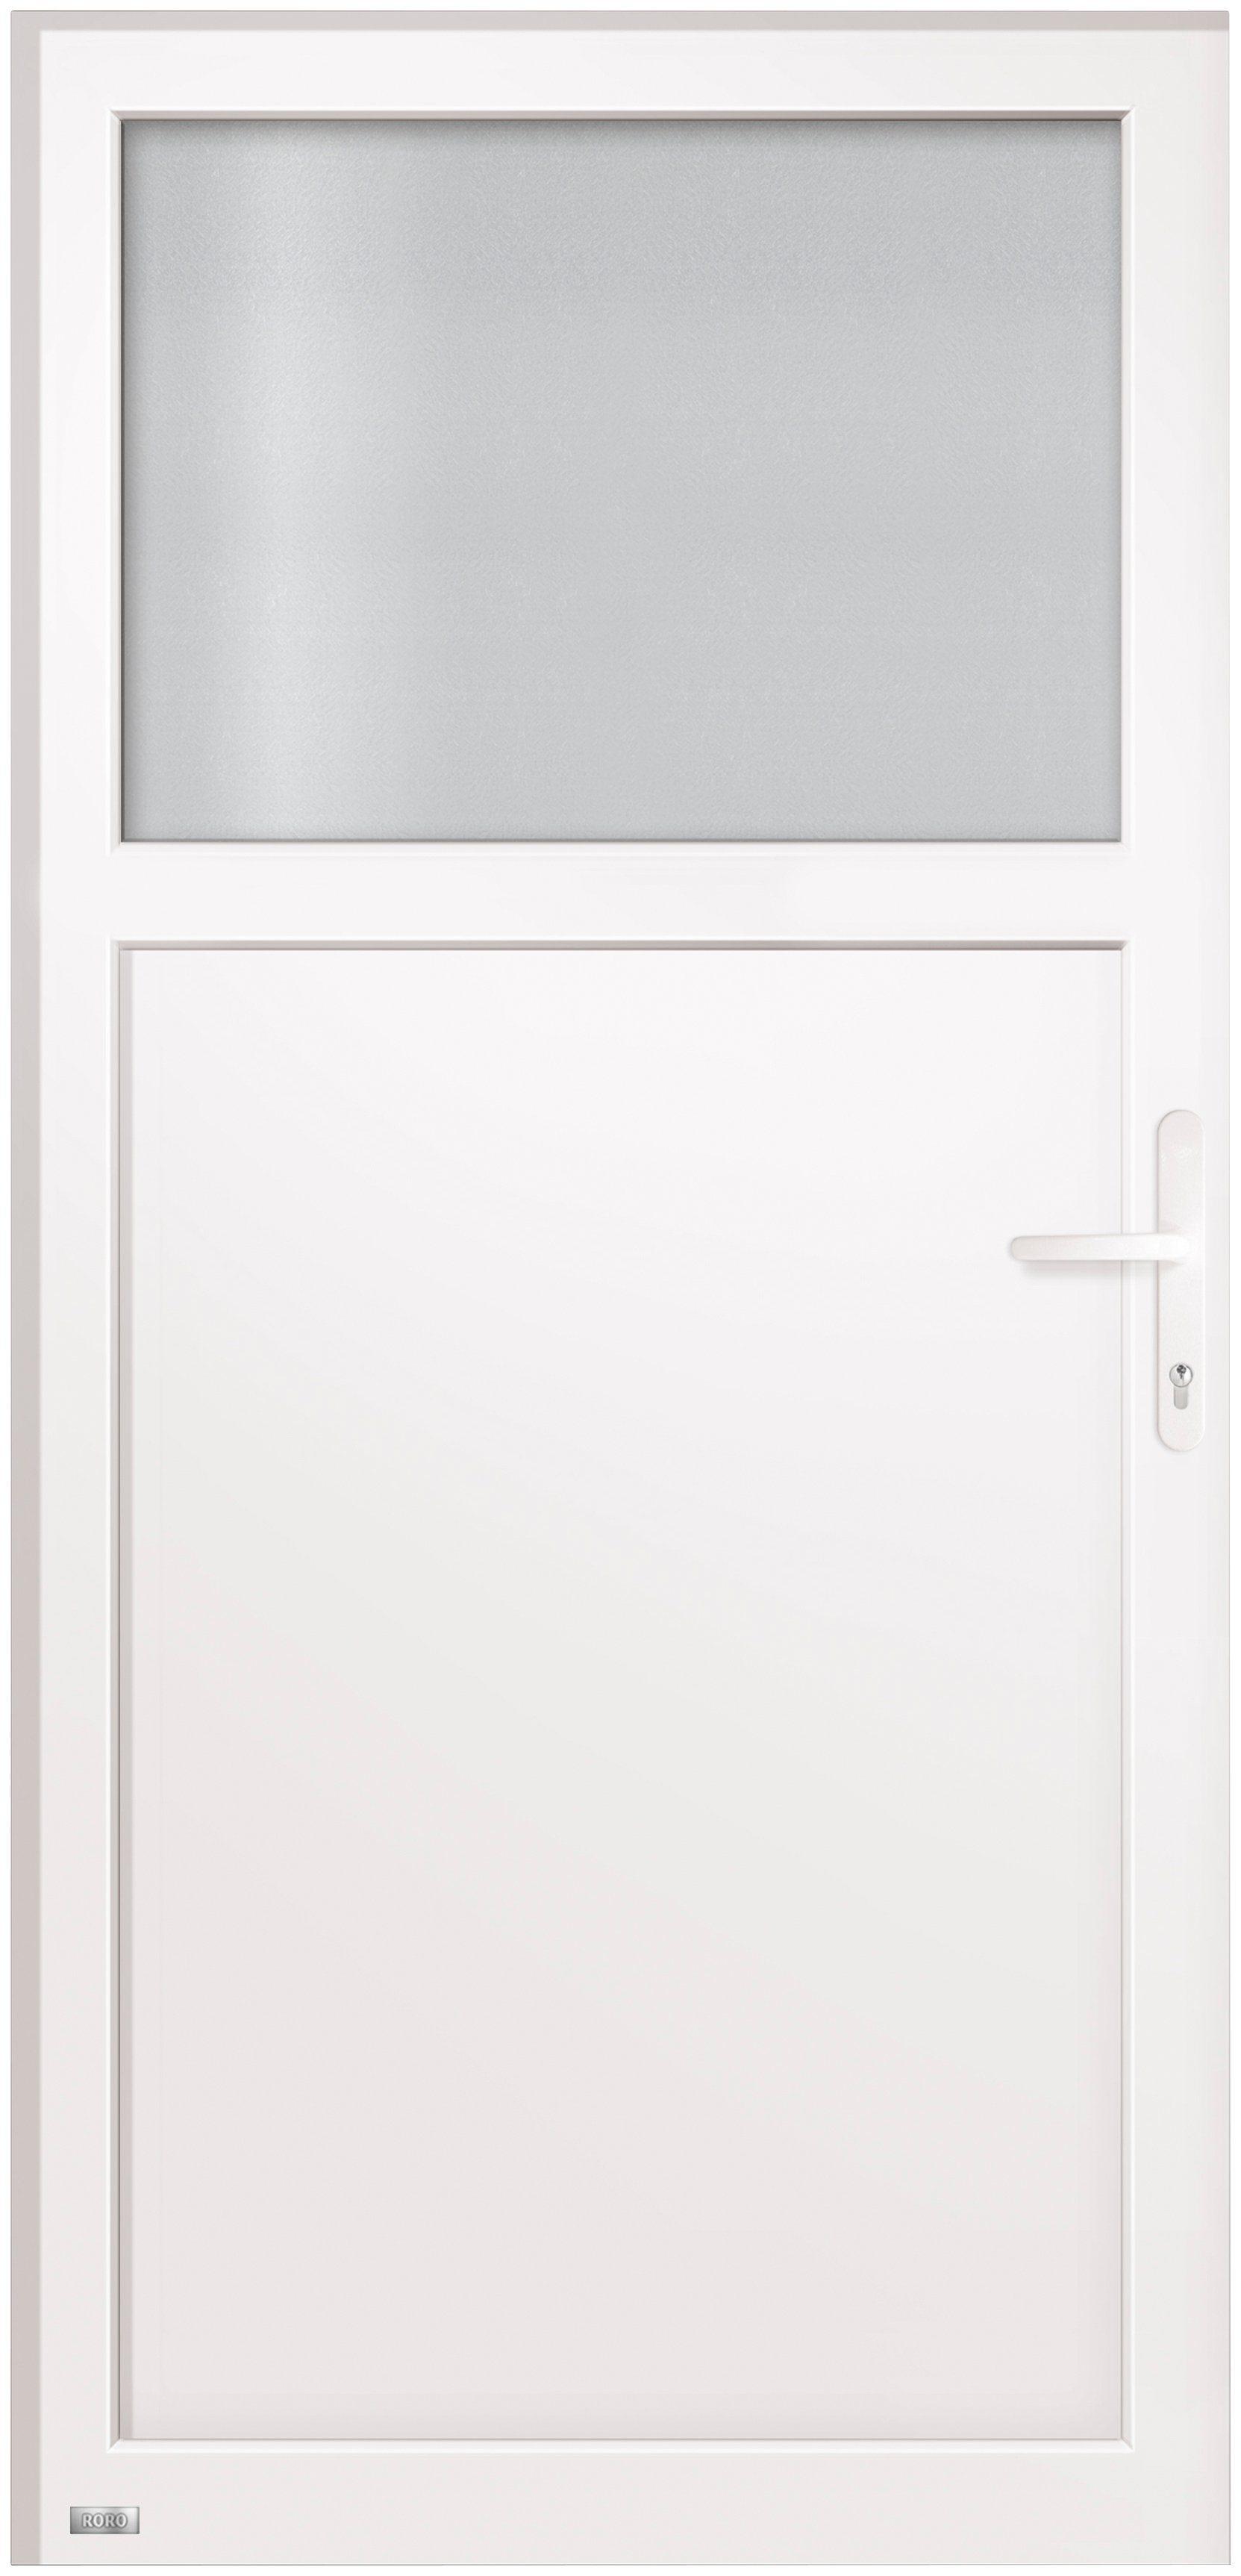 RORO Kunststoff-Haustür »Schottland«, BxH: 98x198 cm, weiß, Anschlag rechts